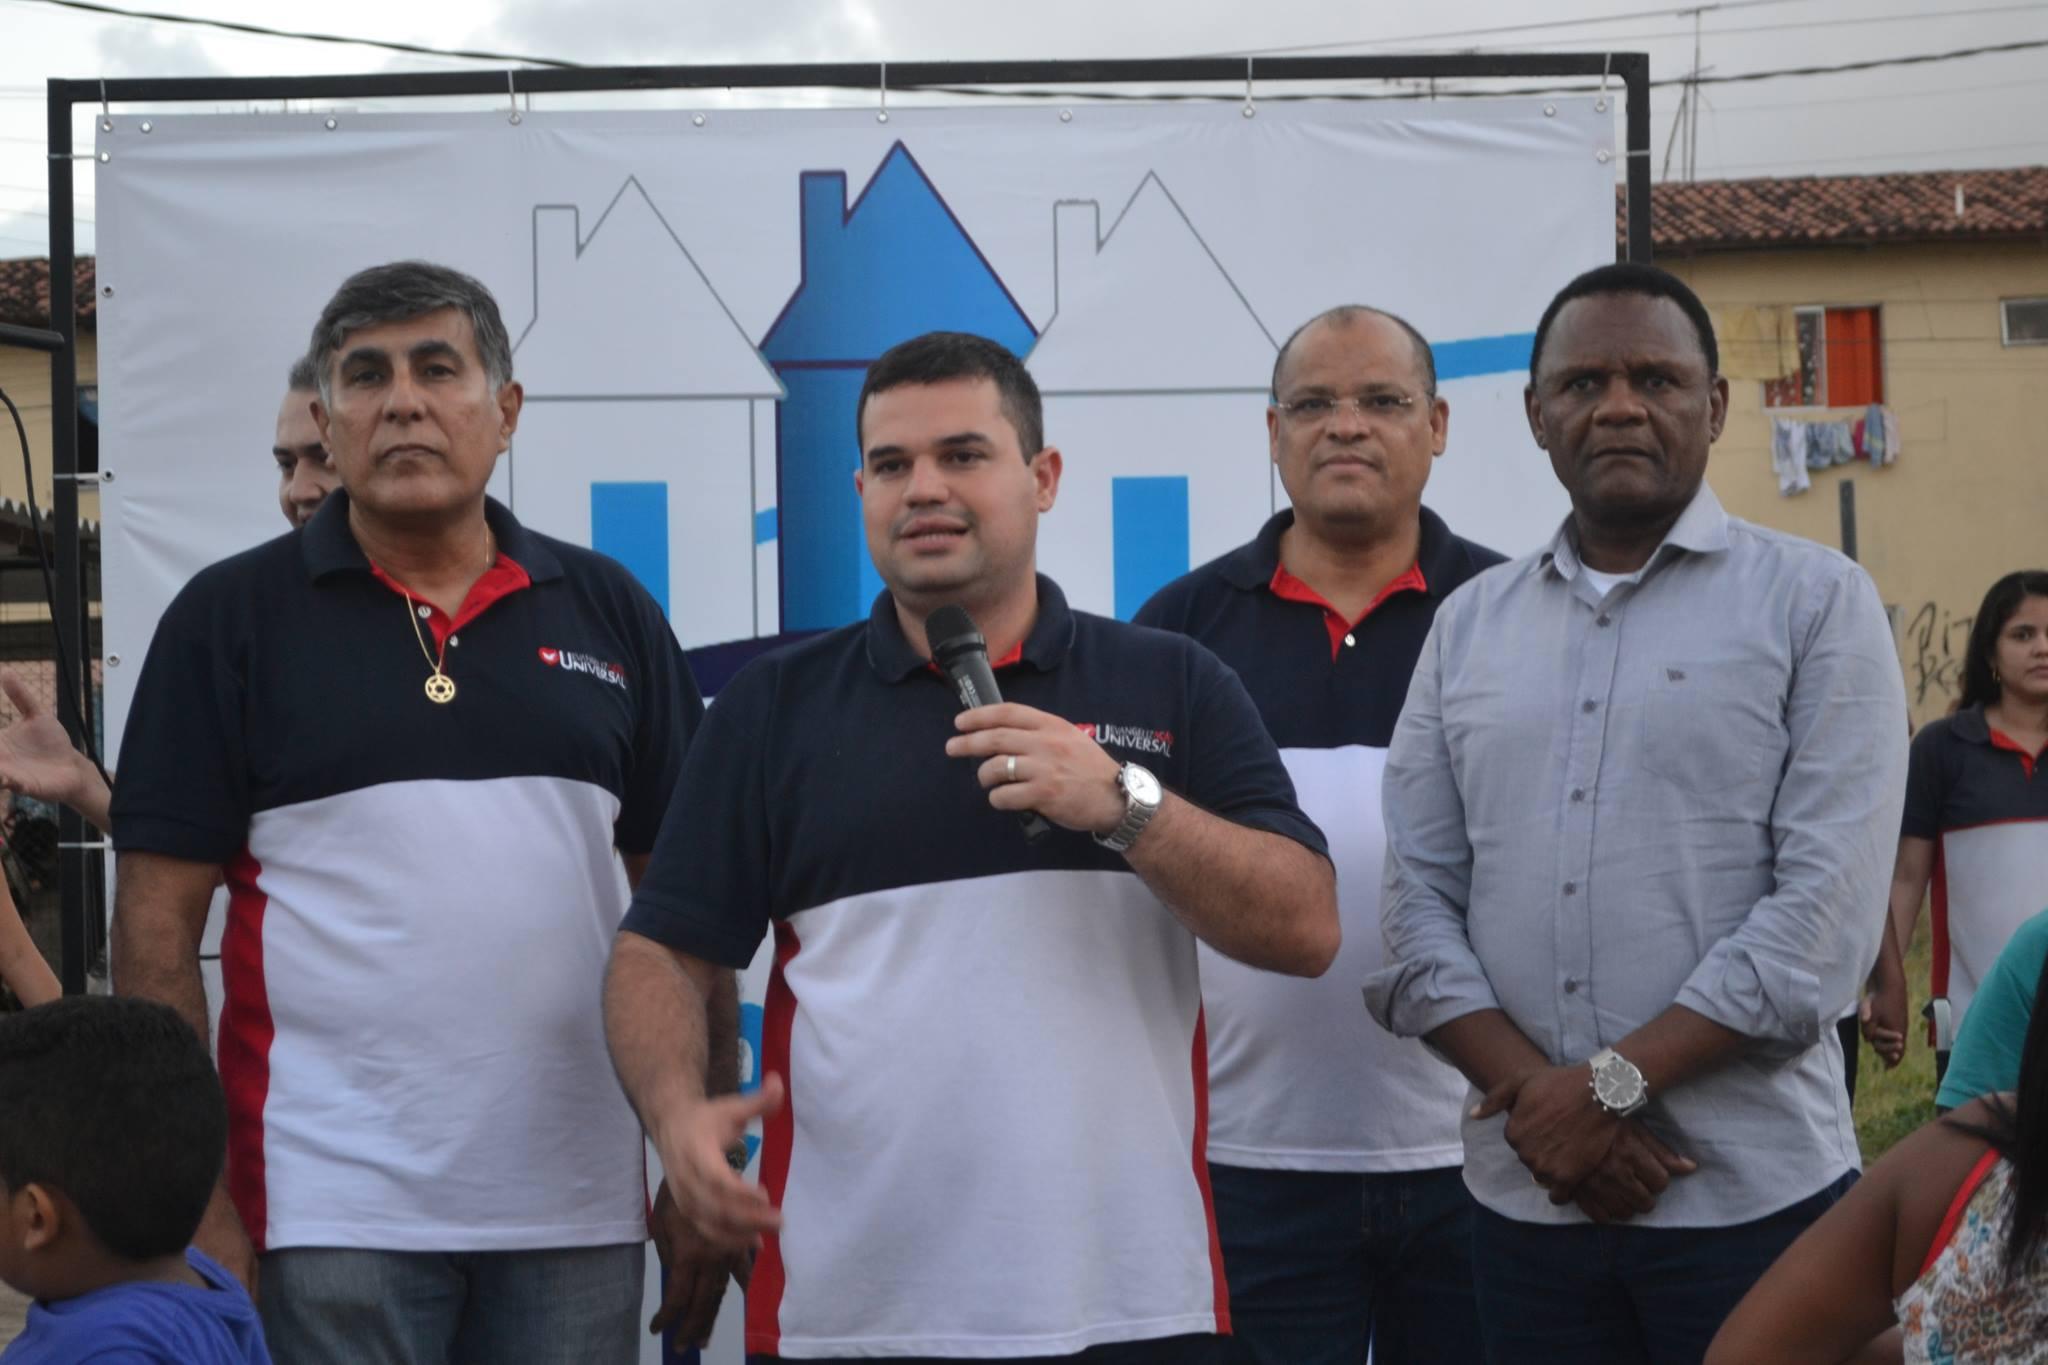 Ossesio Silva e Carlos Geraldo participam de evento no Cabo de Santo Agostinho (PE)